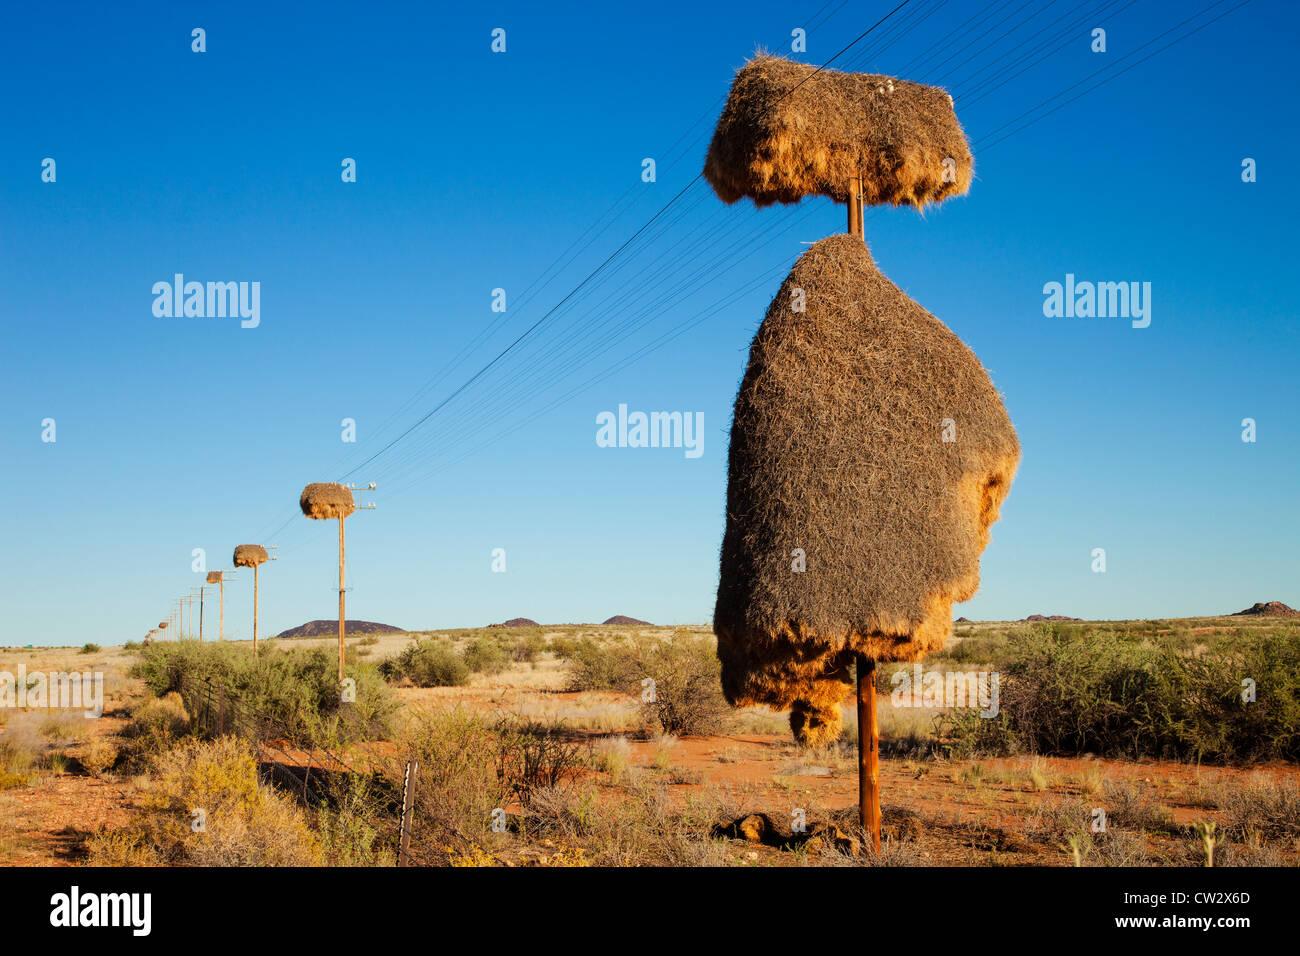 Socievole Weaver nest (Philetairus socius)realizzato su un palo telefonico.Namibia Immagini Stock